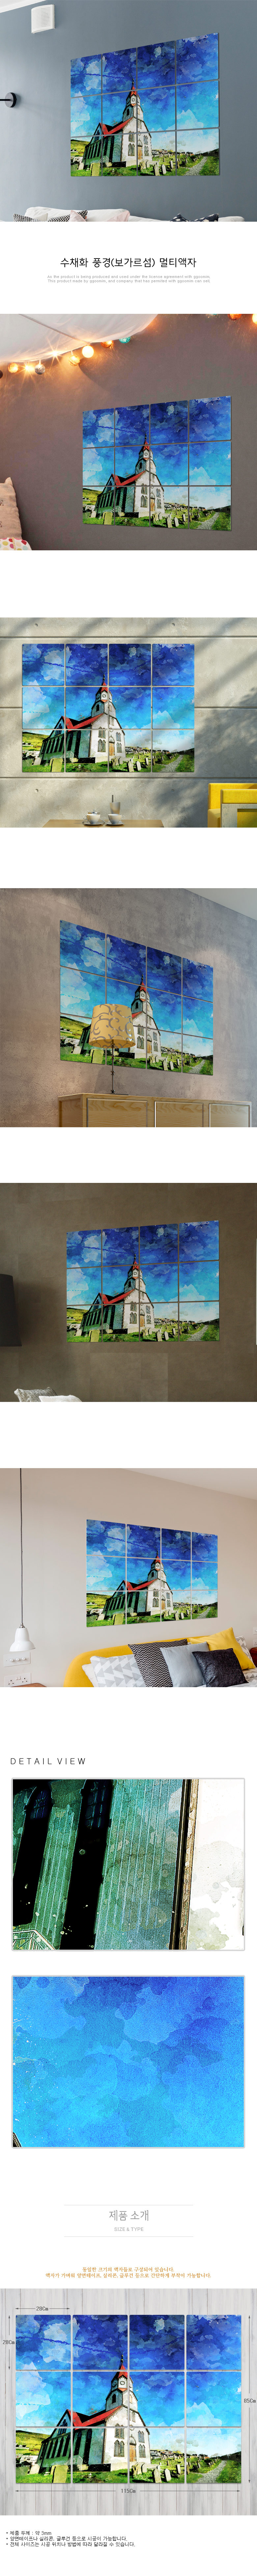 멀티액자_수채화풍경(보가르섬) - 꾸밈, 74,000원, 홈갤러리, 사진아트